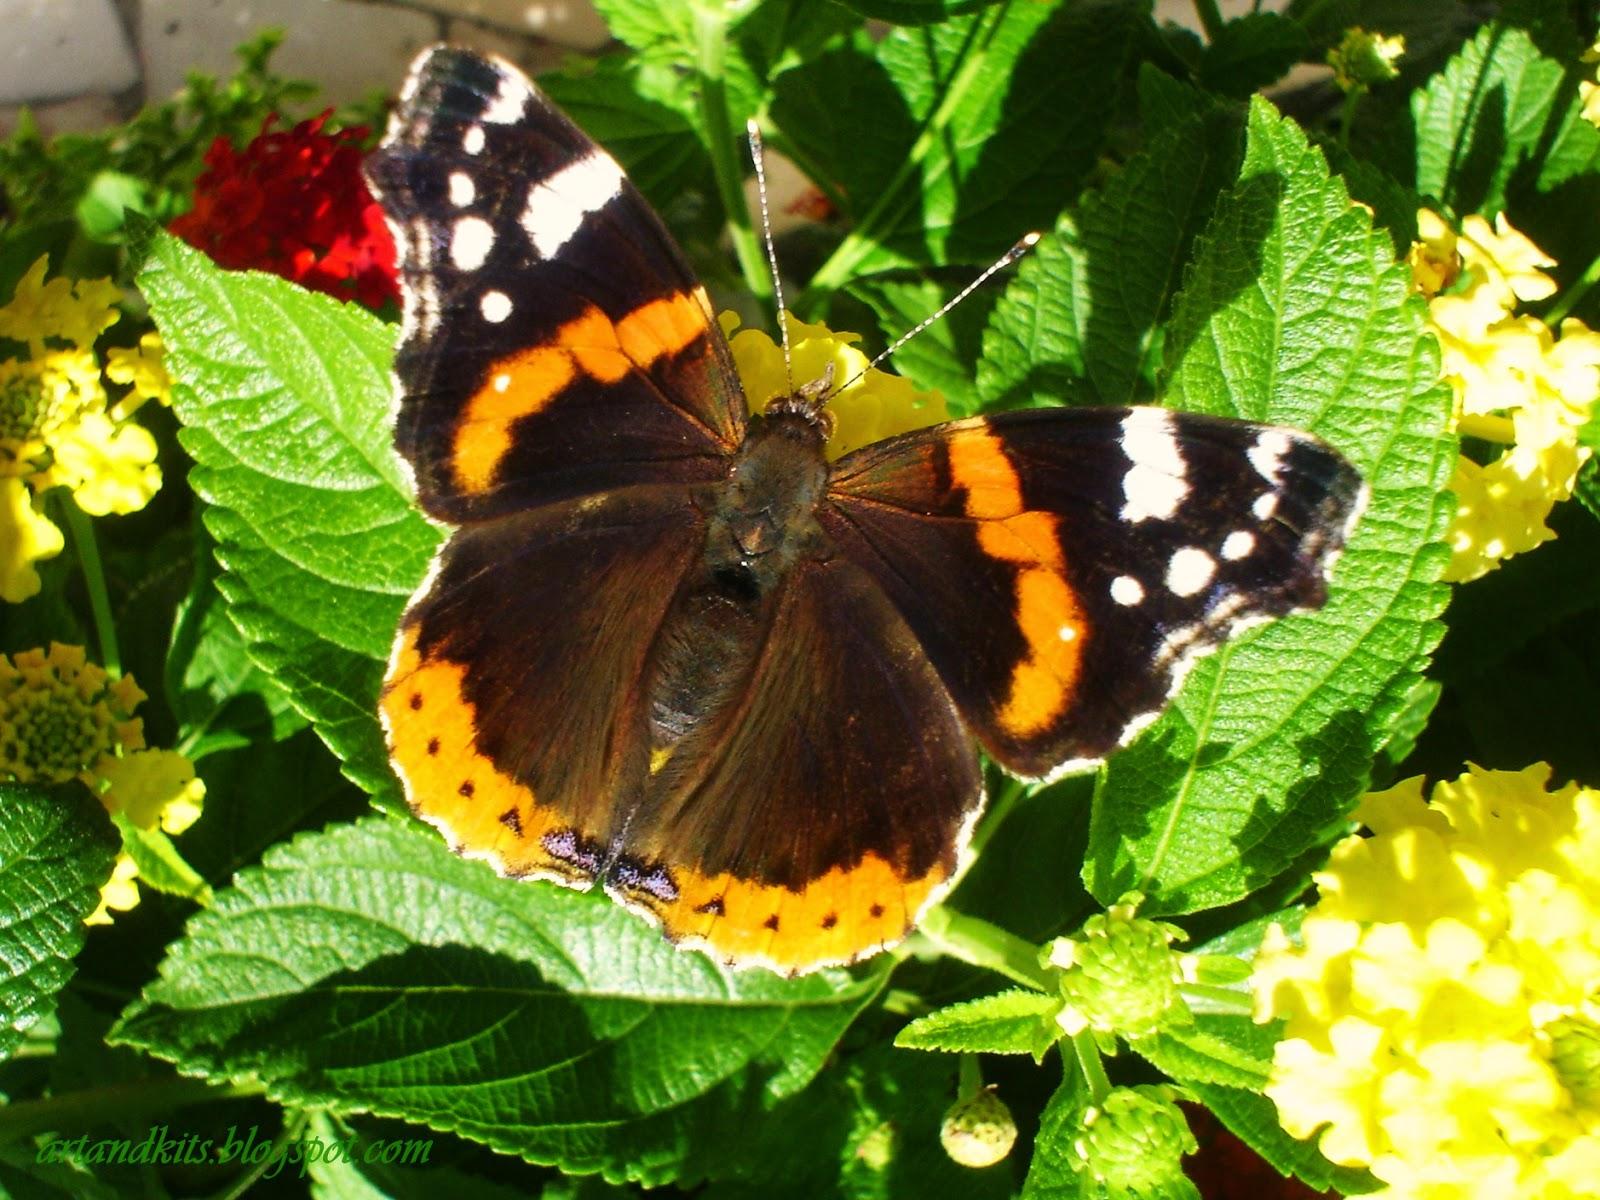 Arte, natureza, vida, beleza... Temas que por aqui, e sempre que possível, andam entrelaçados no nosso blogue... / Art, nature, life, beauty... Themes that around here, and whenever possible go hand together on our blog...